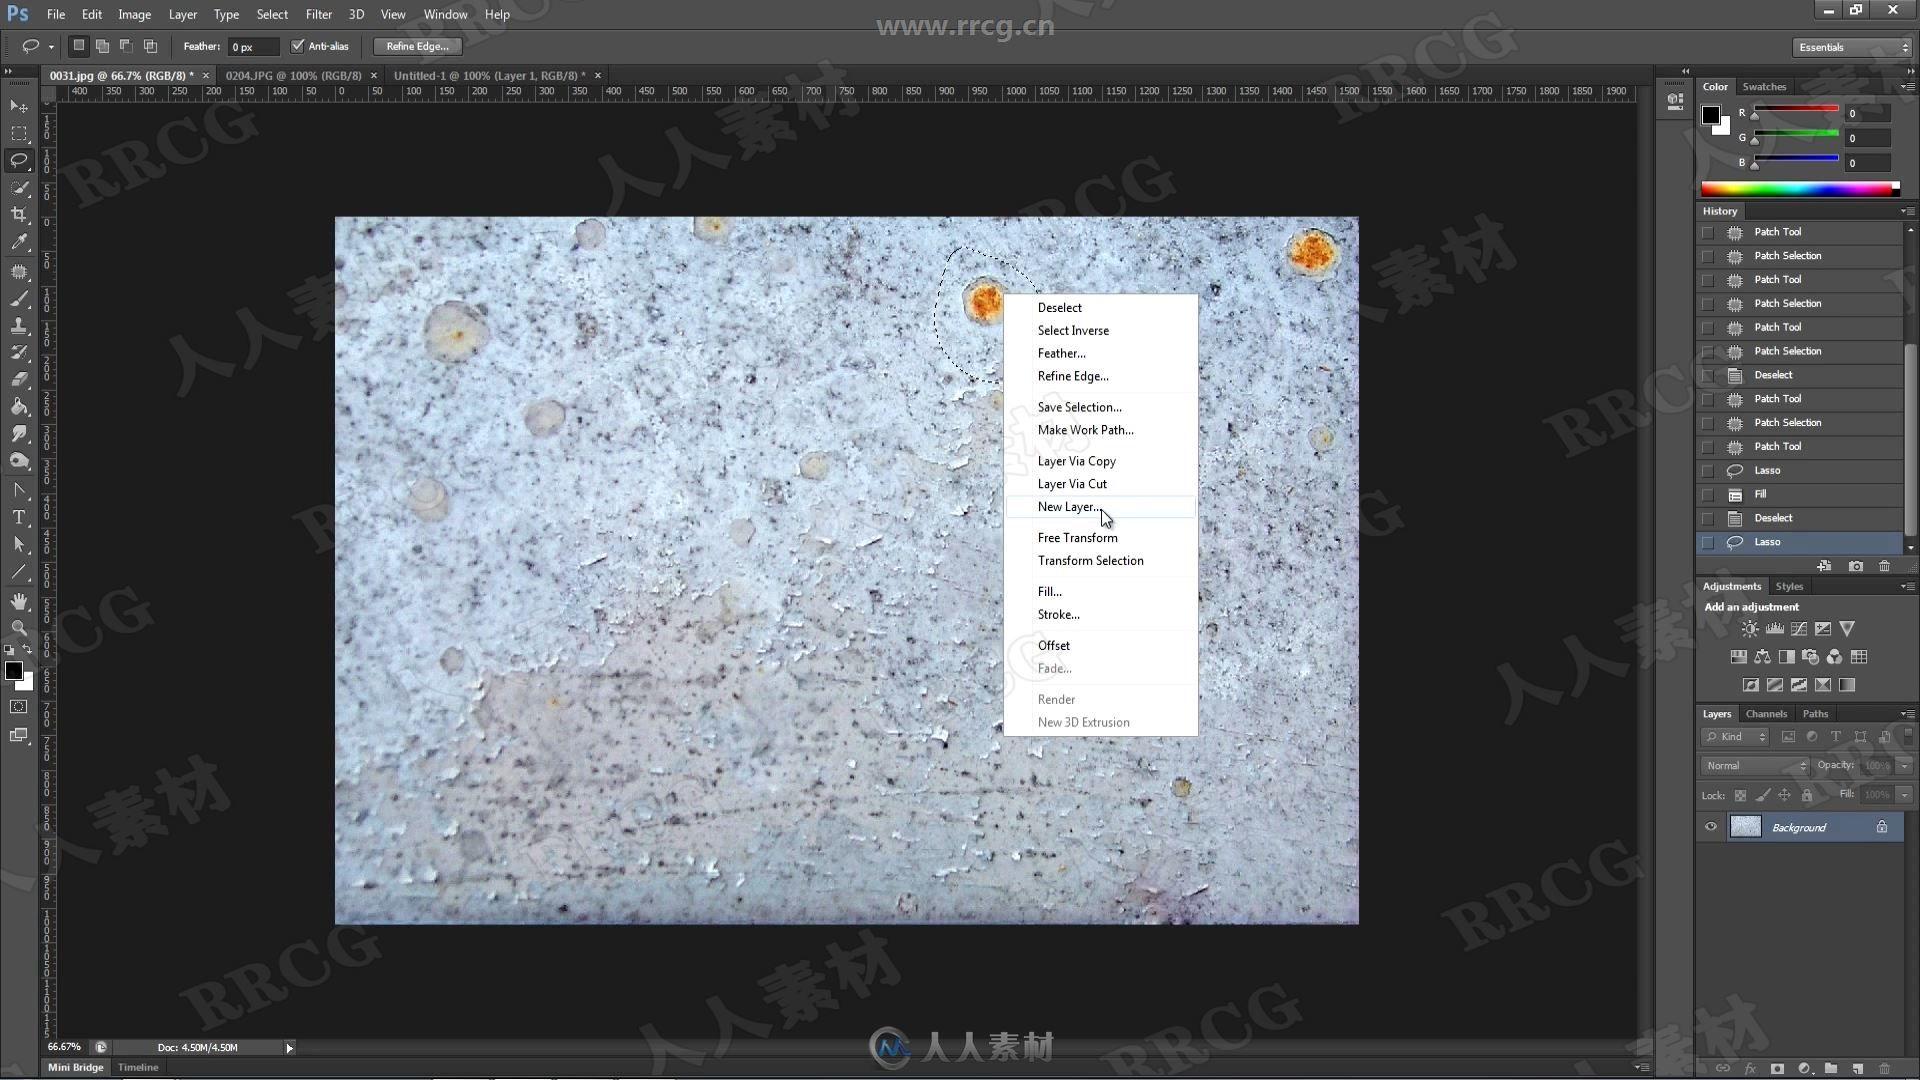 3dsMax游戏建模基础技能训练视频教程